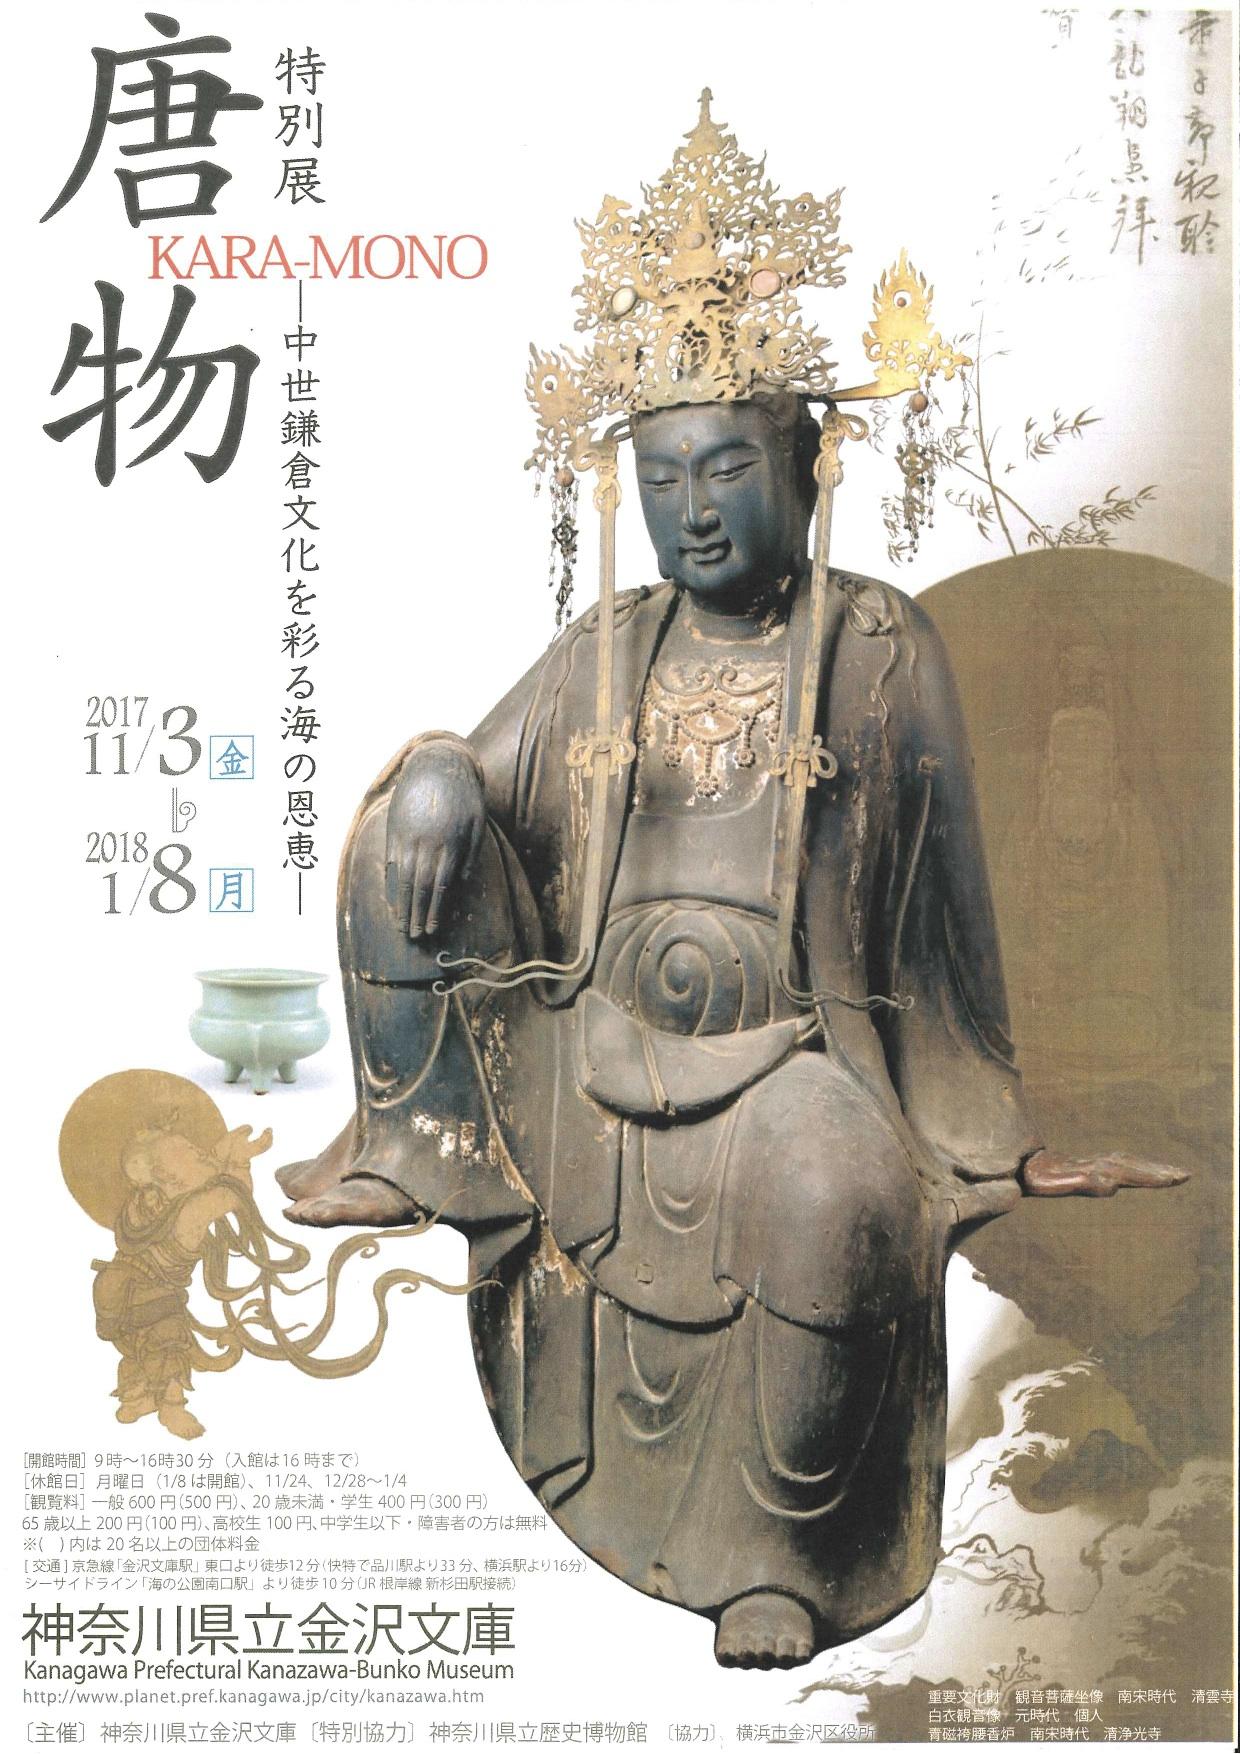 特別展「唐物KARA-MONO―中世鎌倉文化を彩る海の恩恵―」